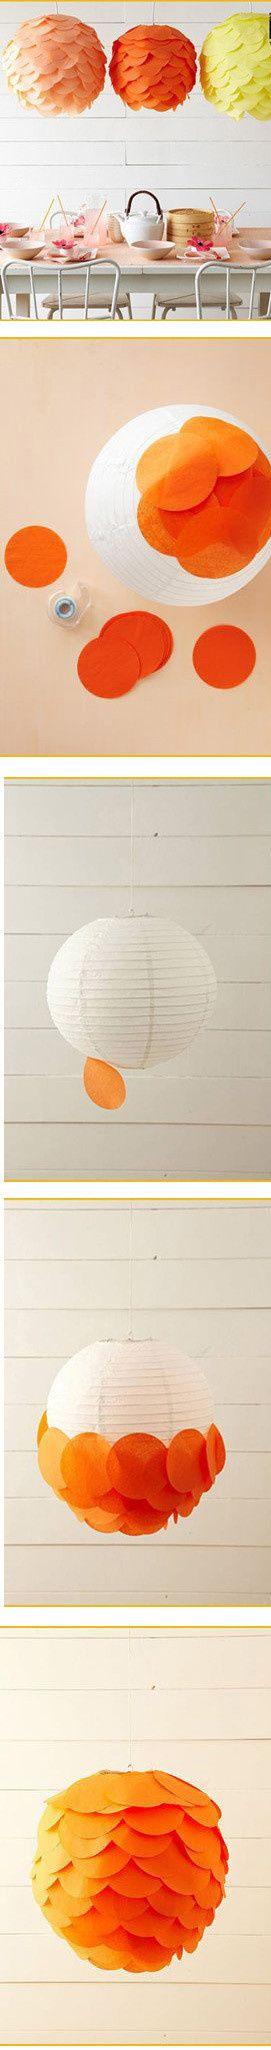 diy paper lanterns4